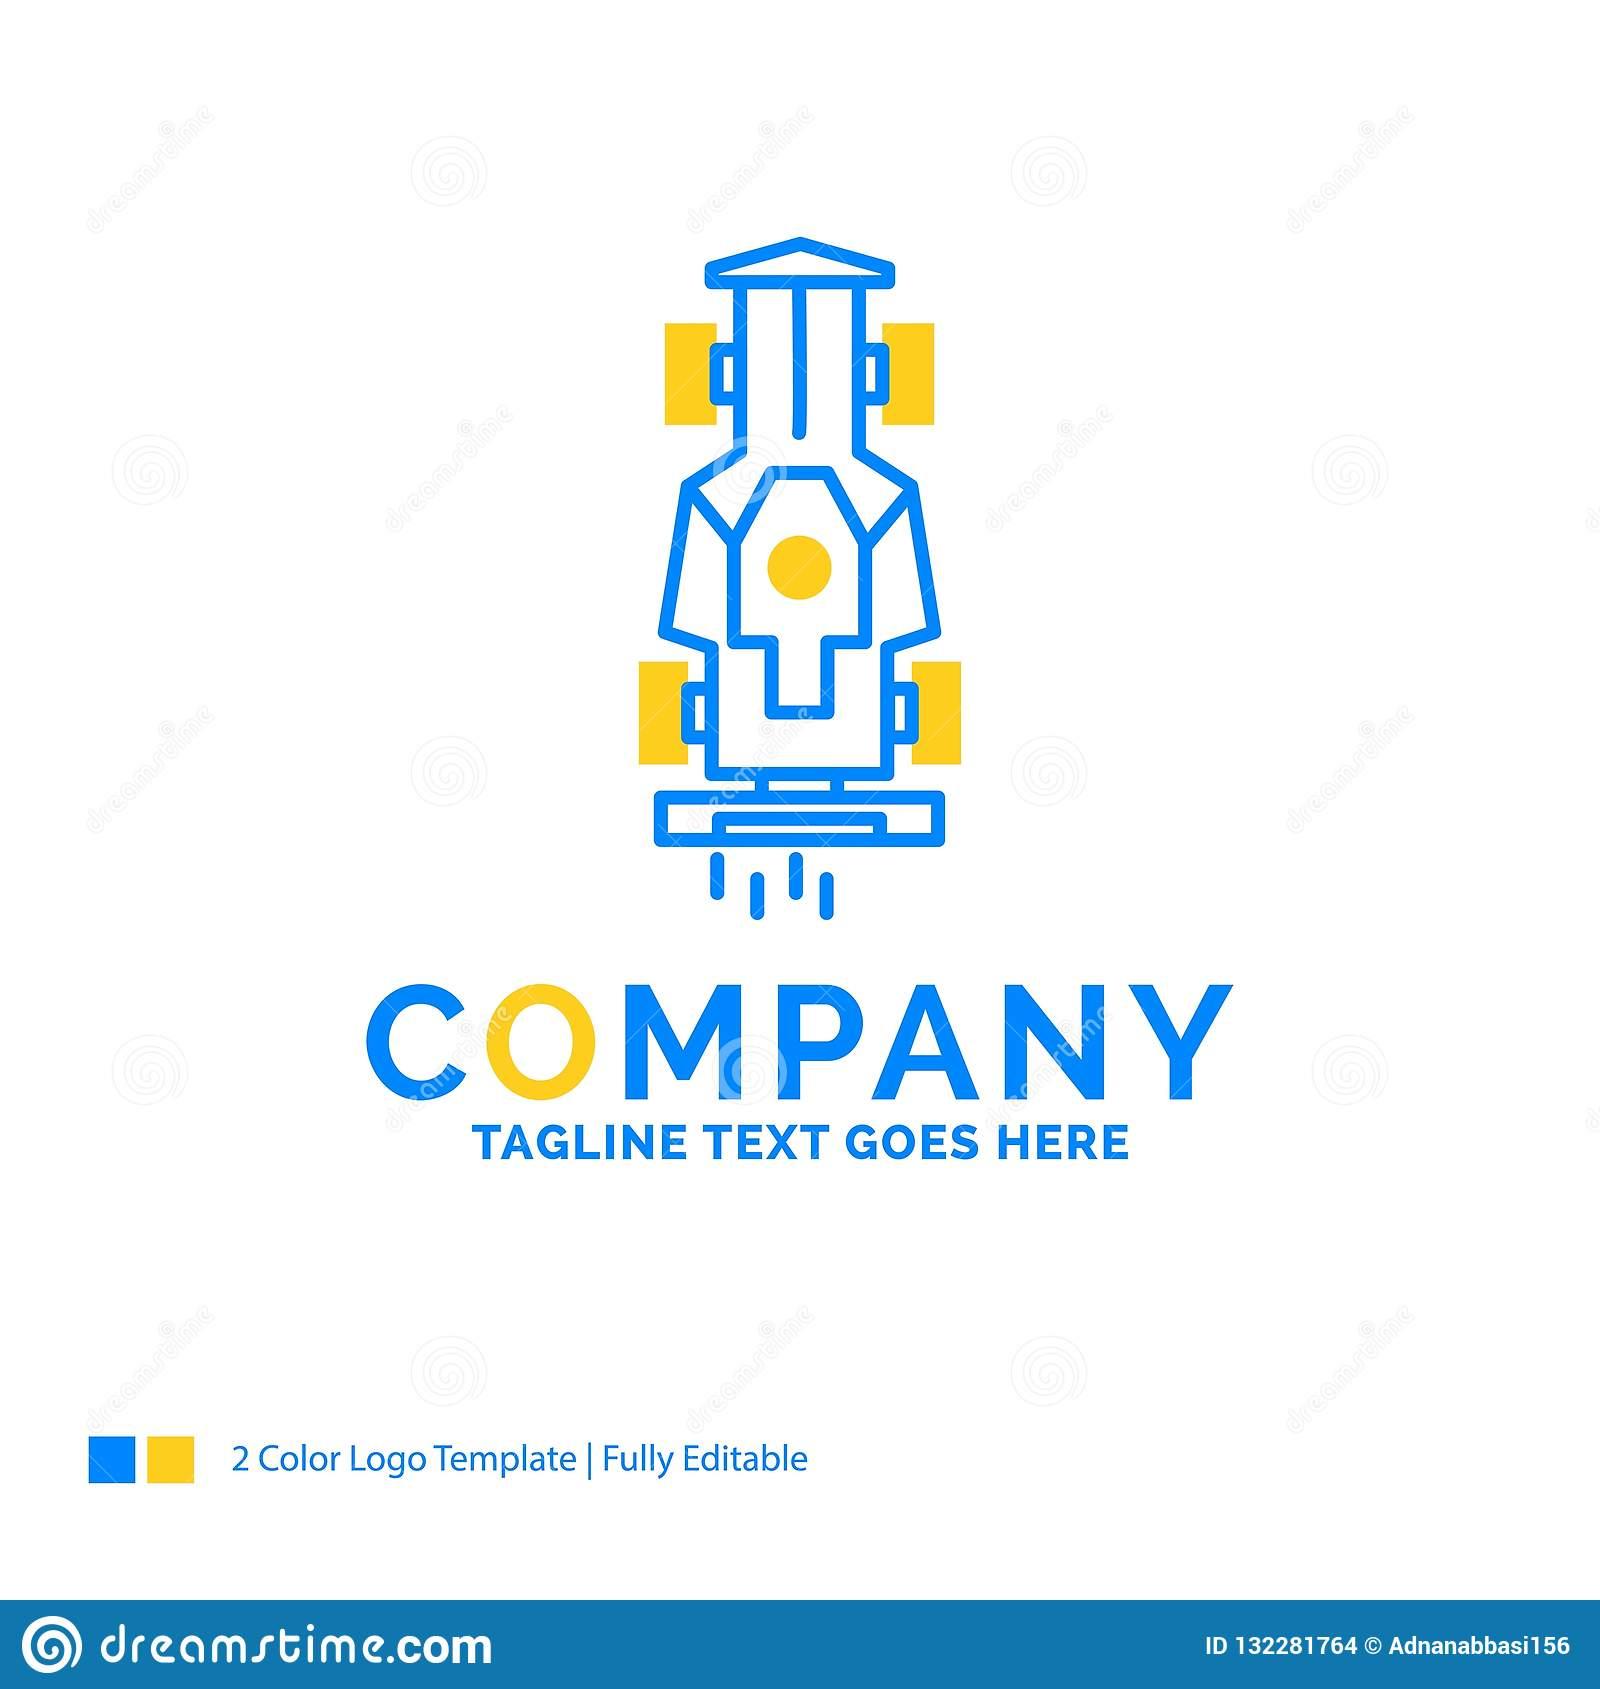 Voiture, Formule, Jeu, Emballant, Temp Jaune Bleu De Logo D destiné Jeux De Voiture Jaune